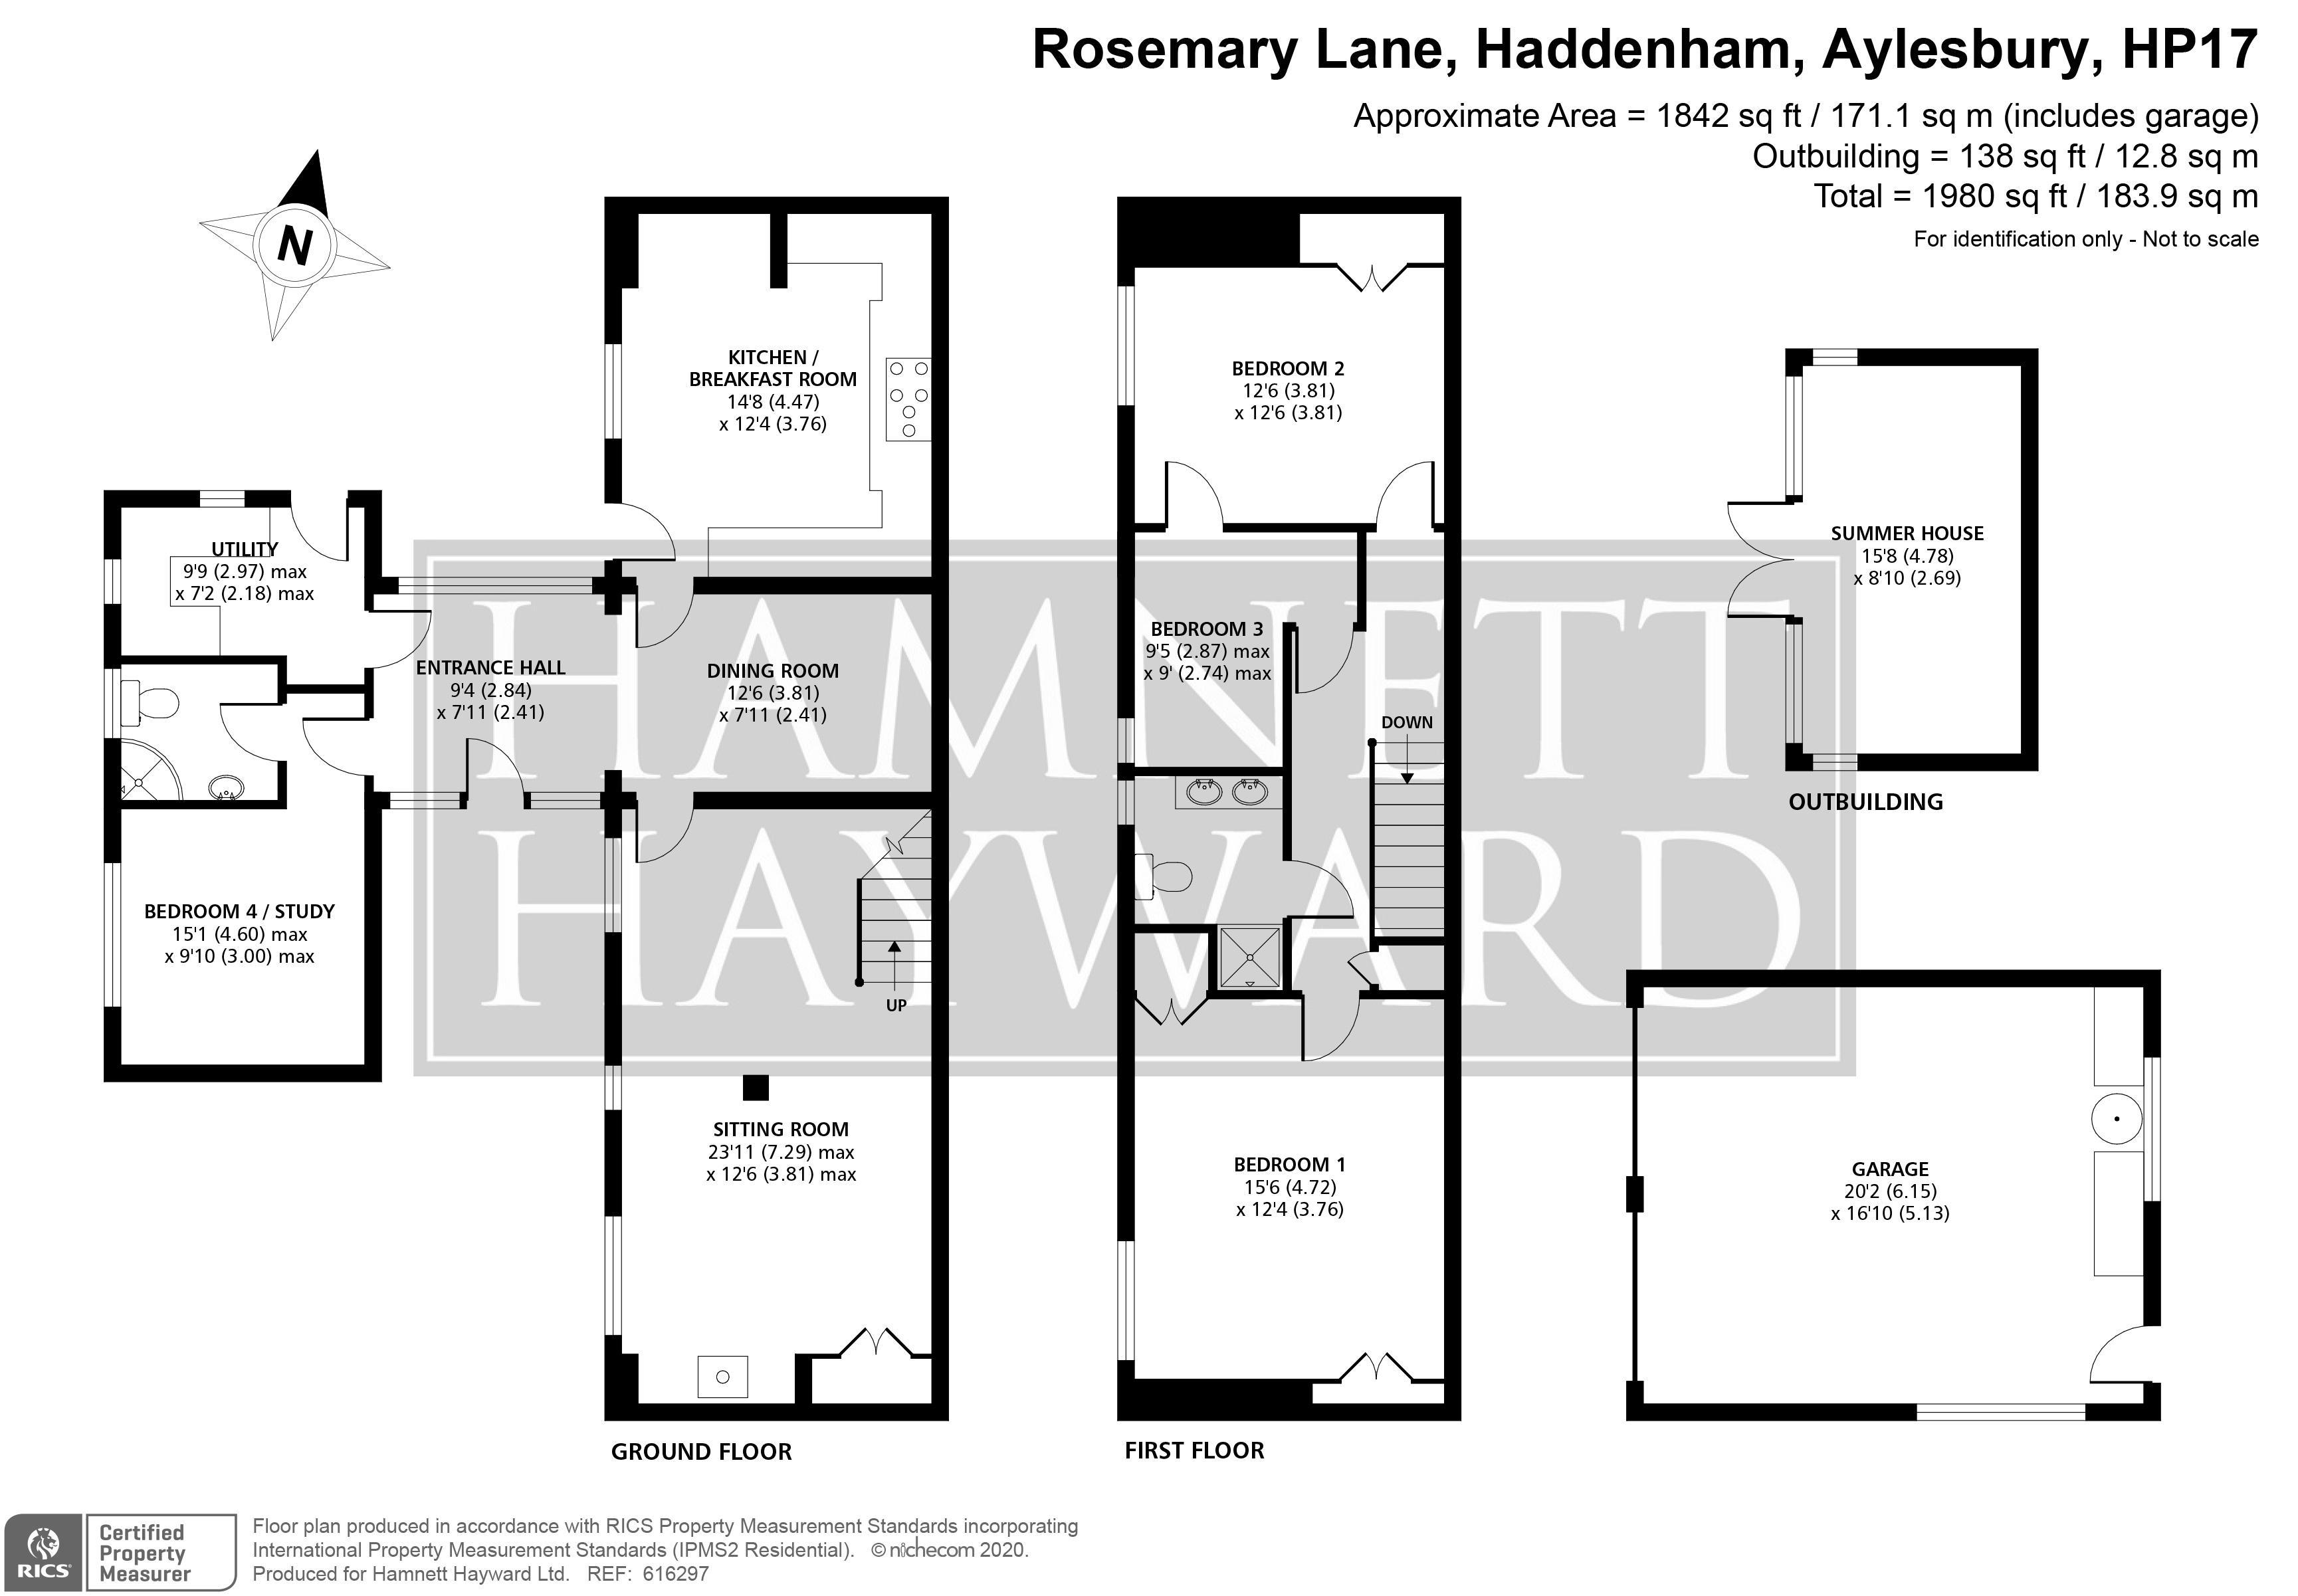 10 Rosemary Lane Haddenham